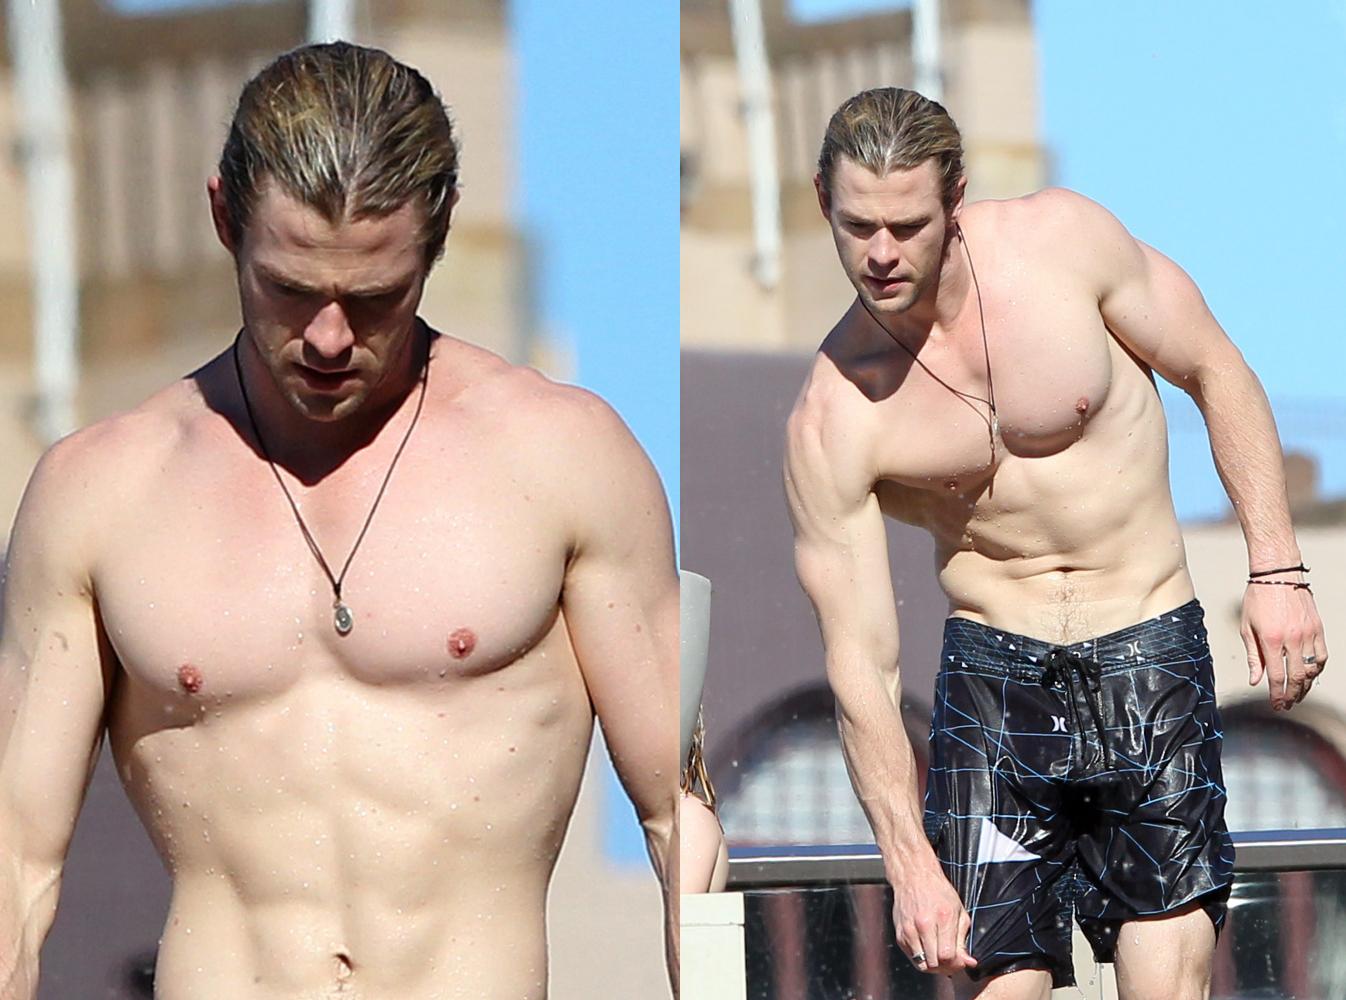 ¿Por qué se ha puesto Chris Hemsworth una prótesis de pene?